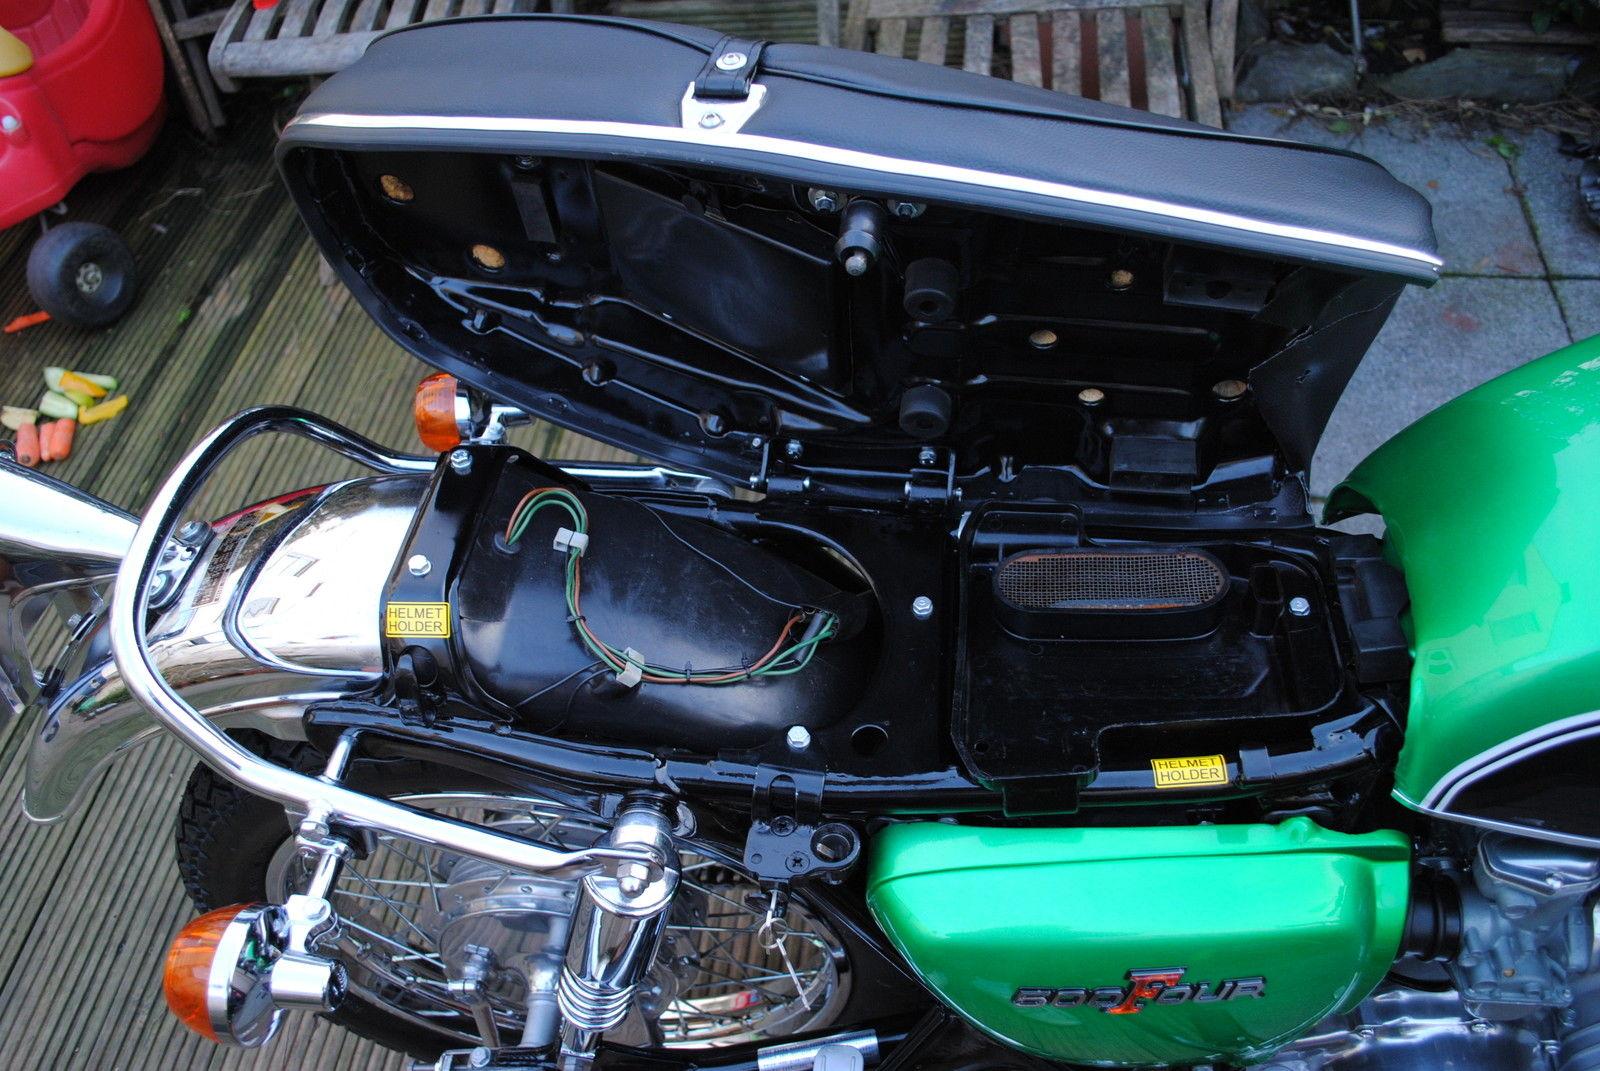 Restored Honda Cb500 Four